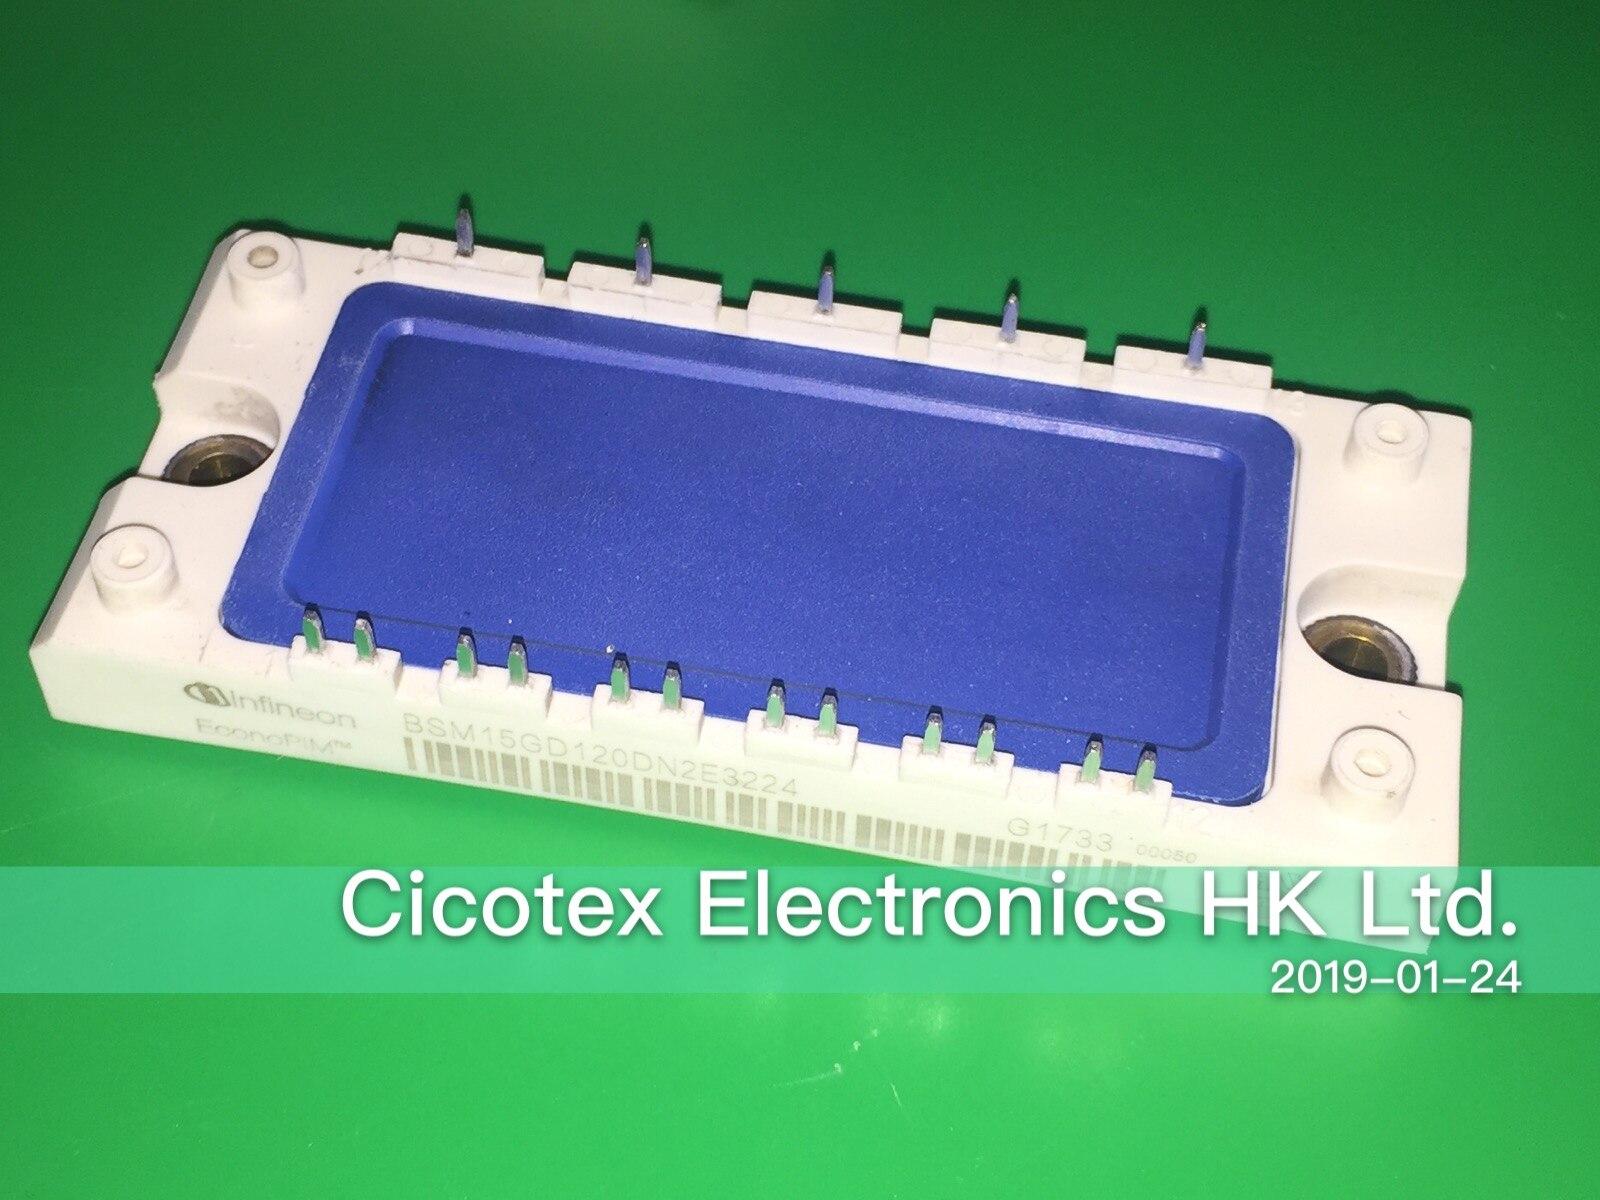 BSM15GD120DN2E3224 MODULE IGBT IGBT 2 ECONO2-2 basse puissanceBSM15GD120DN2E3224 MODULE IGBT IGBT 2 ECONO2-2 basse puissance